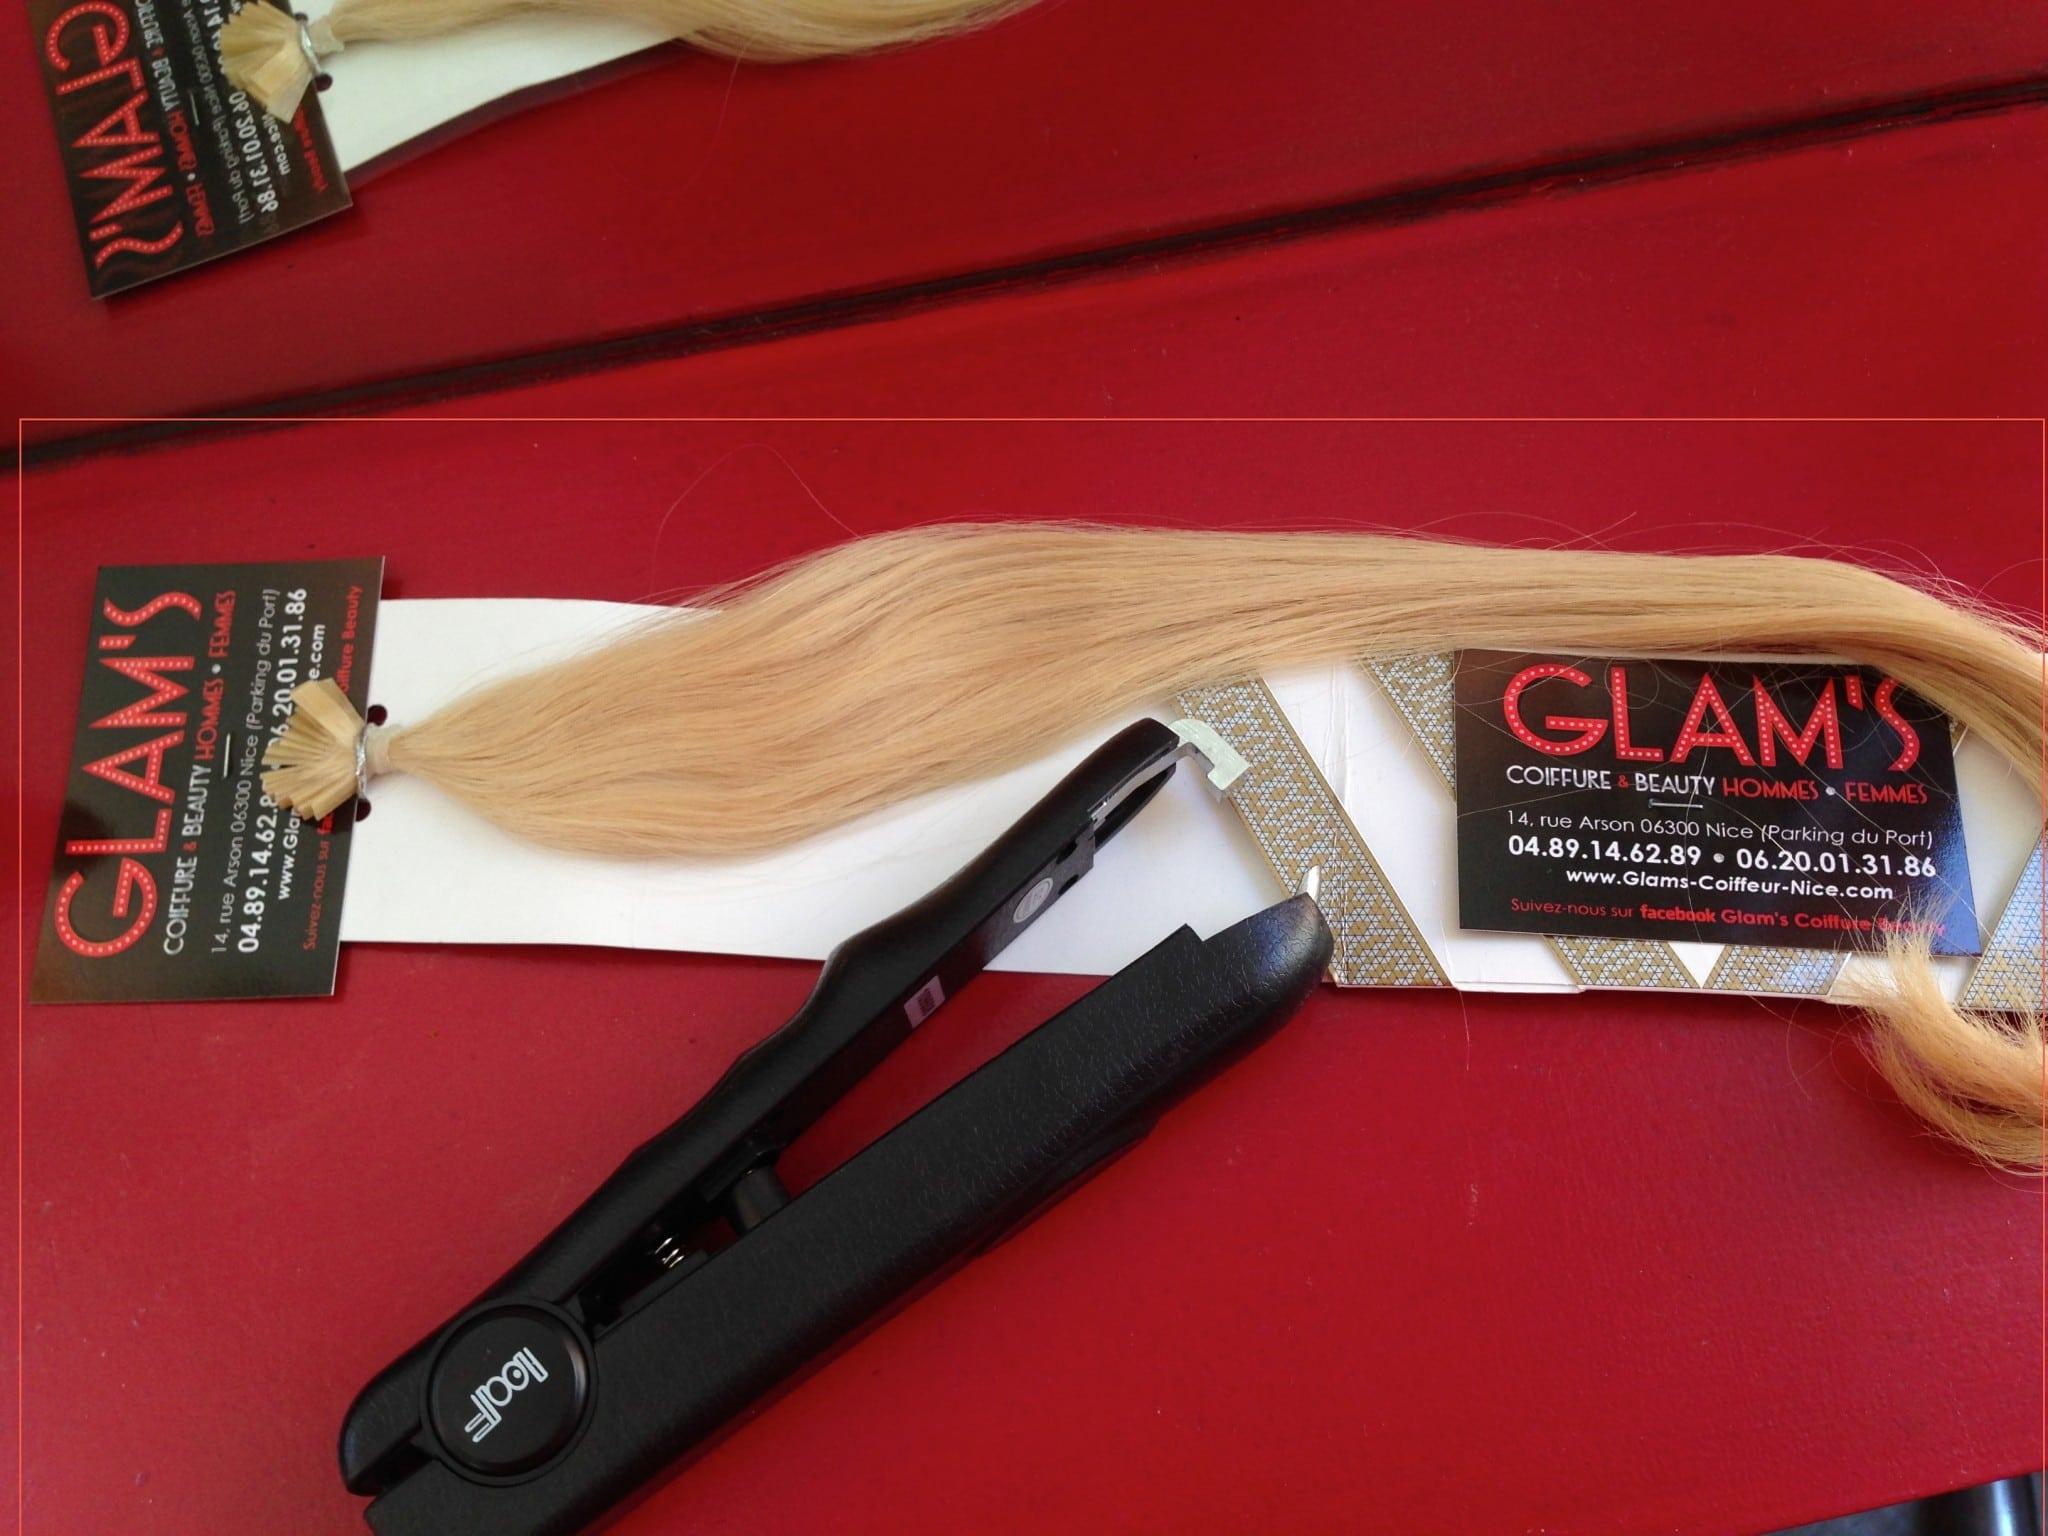 extensions de cheveux à Nice, pince à froid glams coiffure à Nice